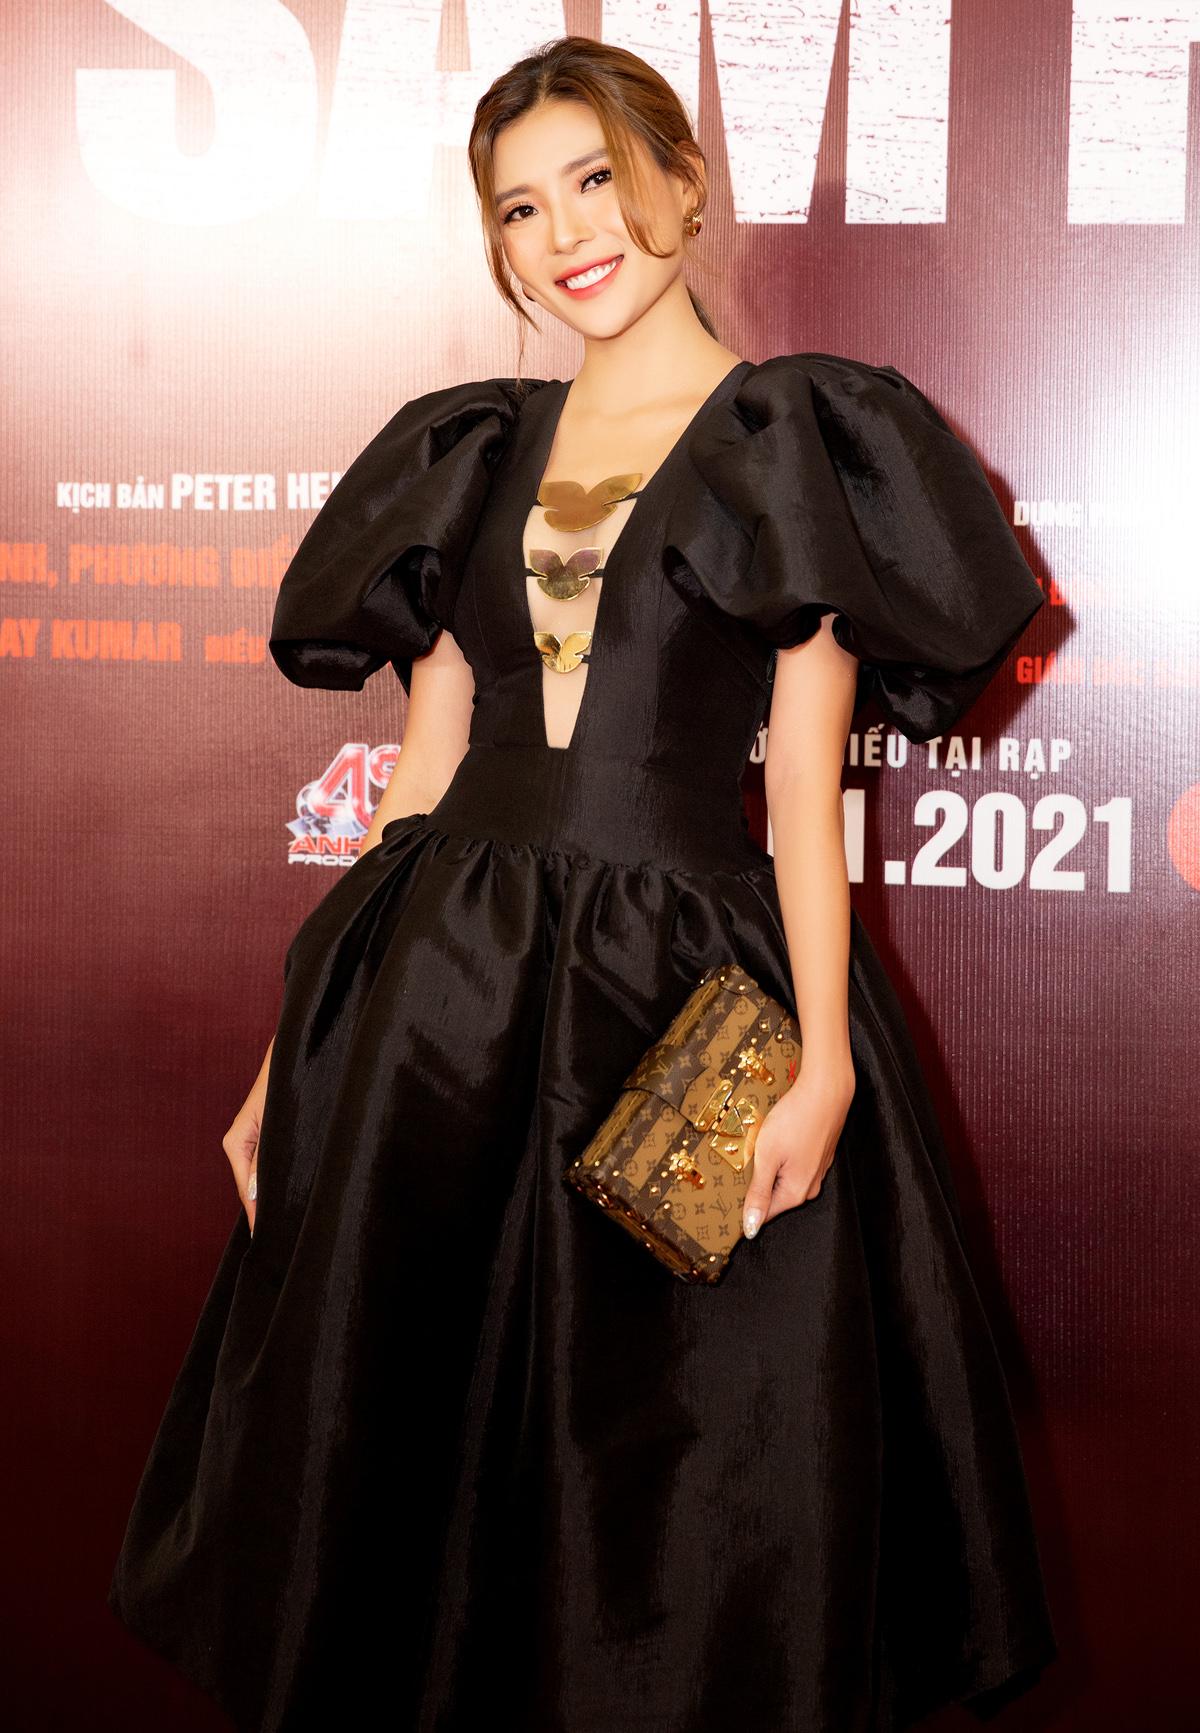 Có lẽ đây sẽ là bộ phim tôi chấm điểm cao nhất trong những năm gần đây, bà xã Lương Thế Thành nói.